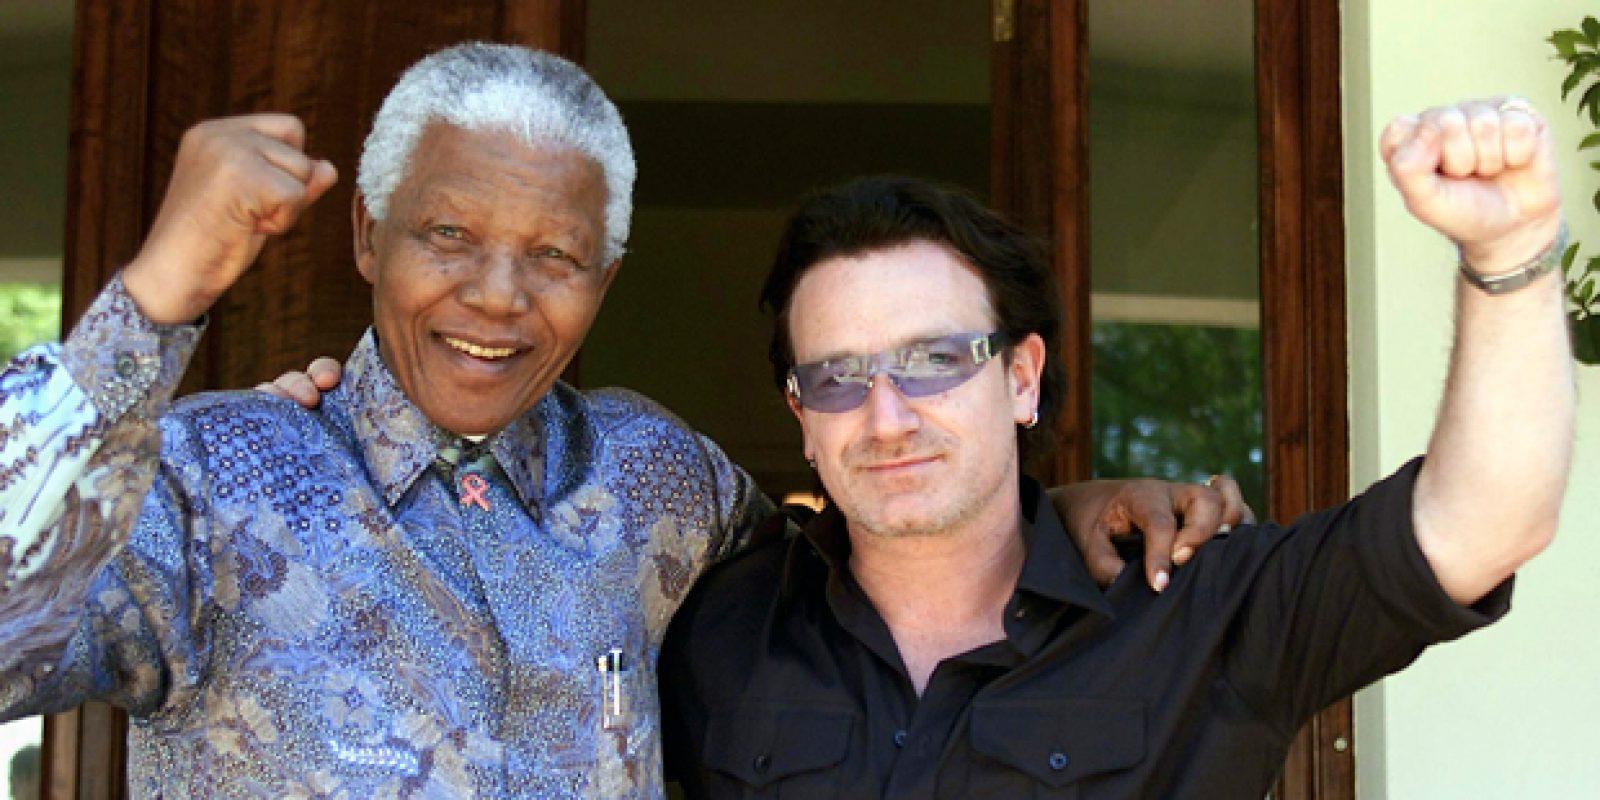 Imagem de 2002 mostra o ex-presidente Nelson Mandela e o cantor irlandês Bono após encontro em Joanesburgo | Juda Ngwenya/Reuters